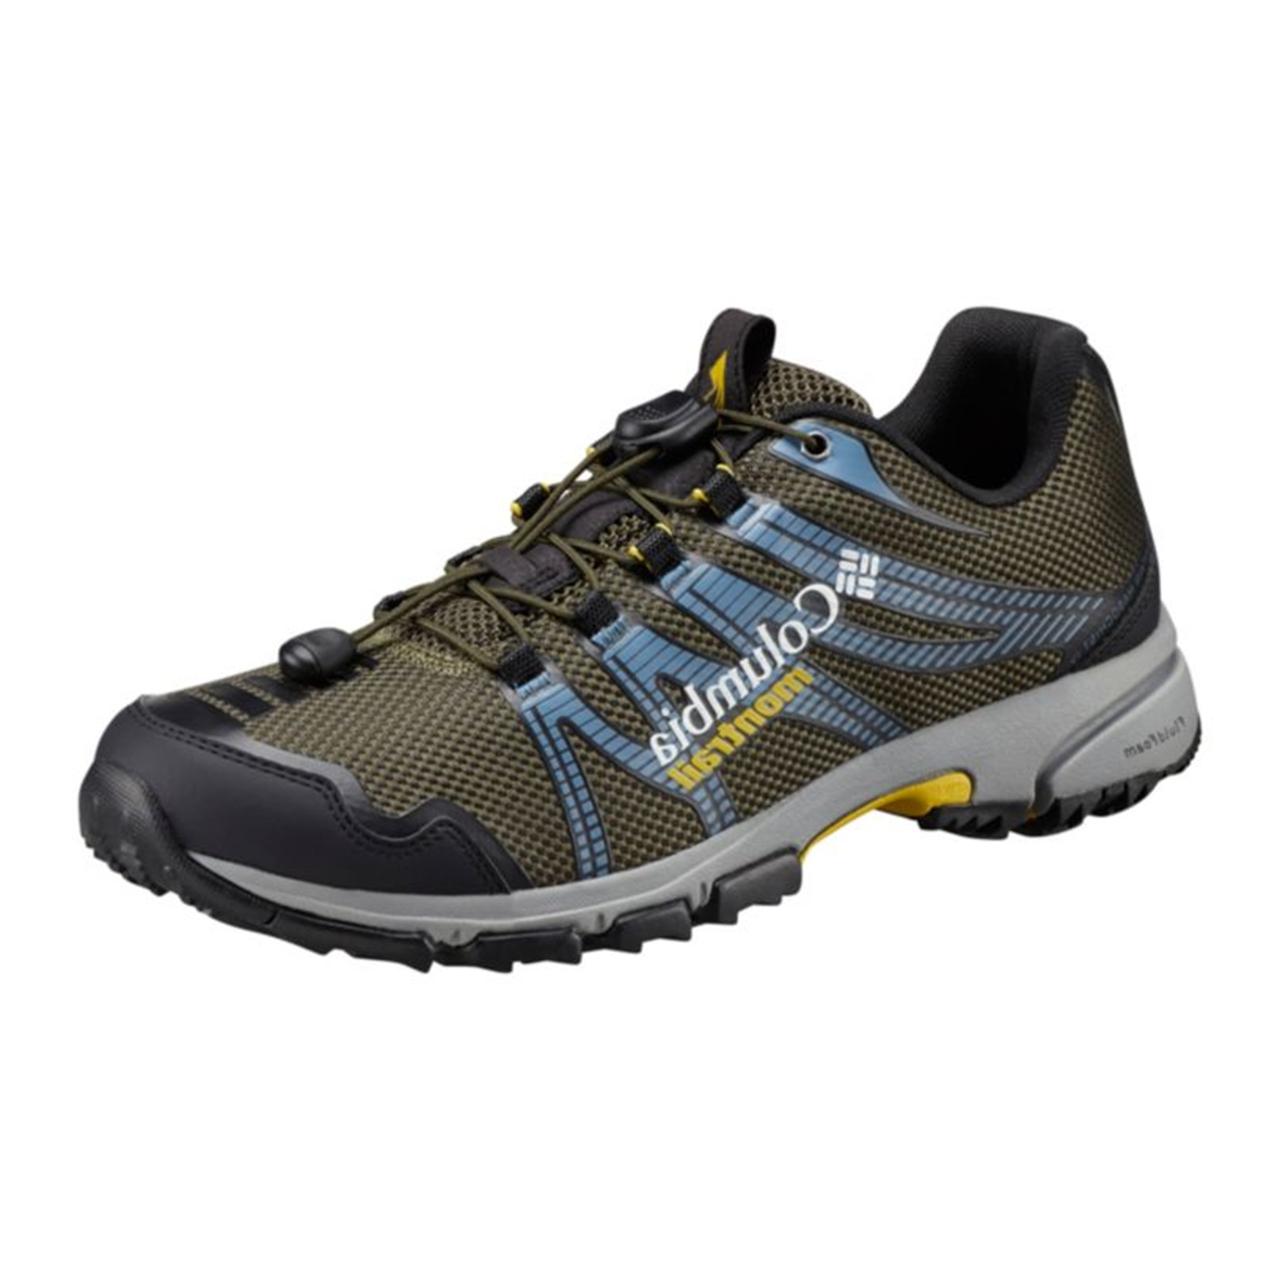 قیمت کفش کوهنوردی مردانه کلمبیا مدل CL1768081-383